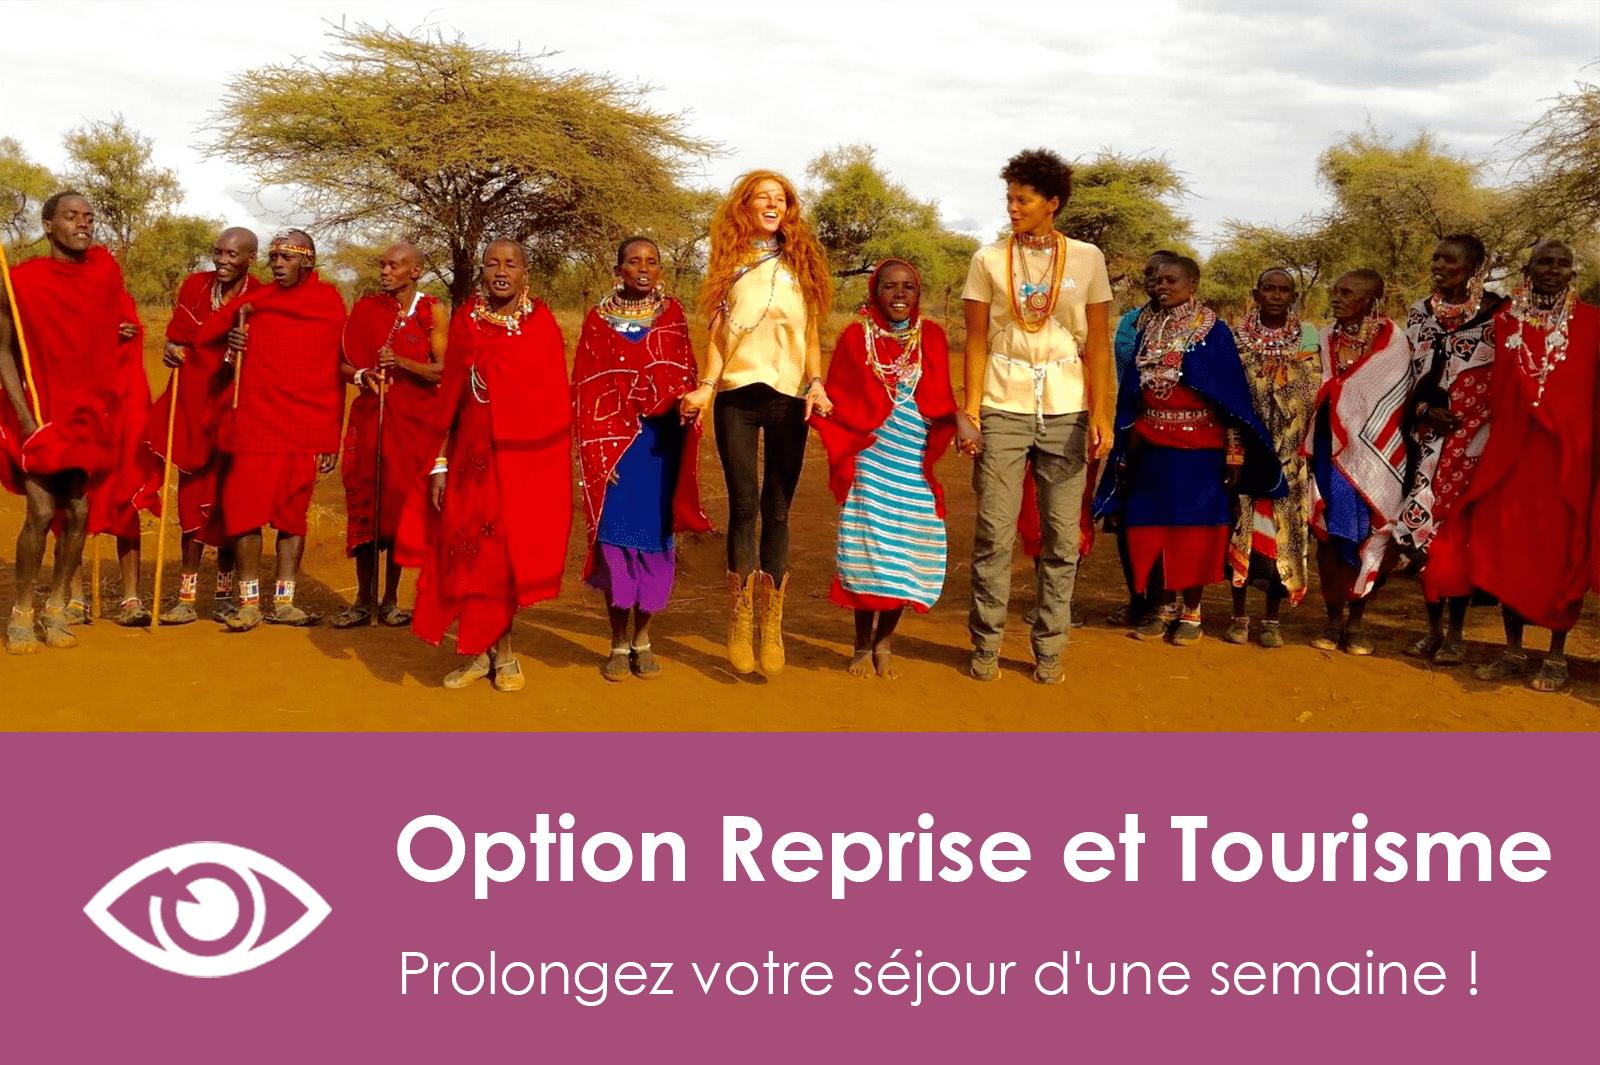 Reprise et tourisme au Kenya